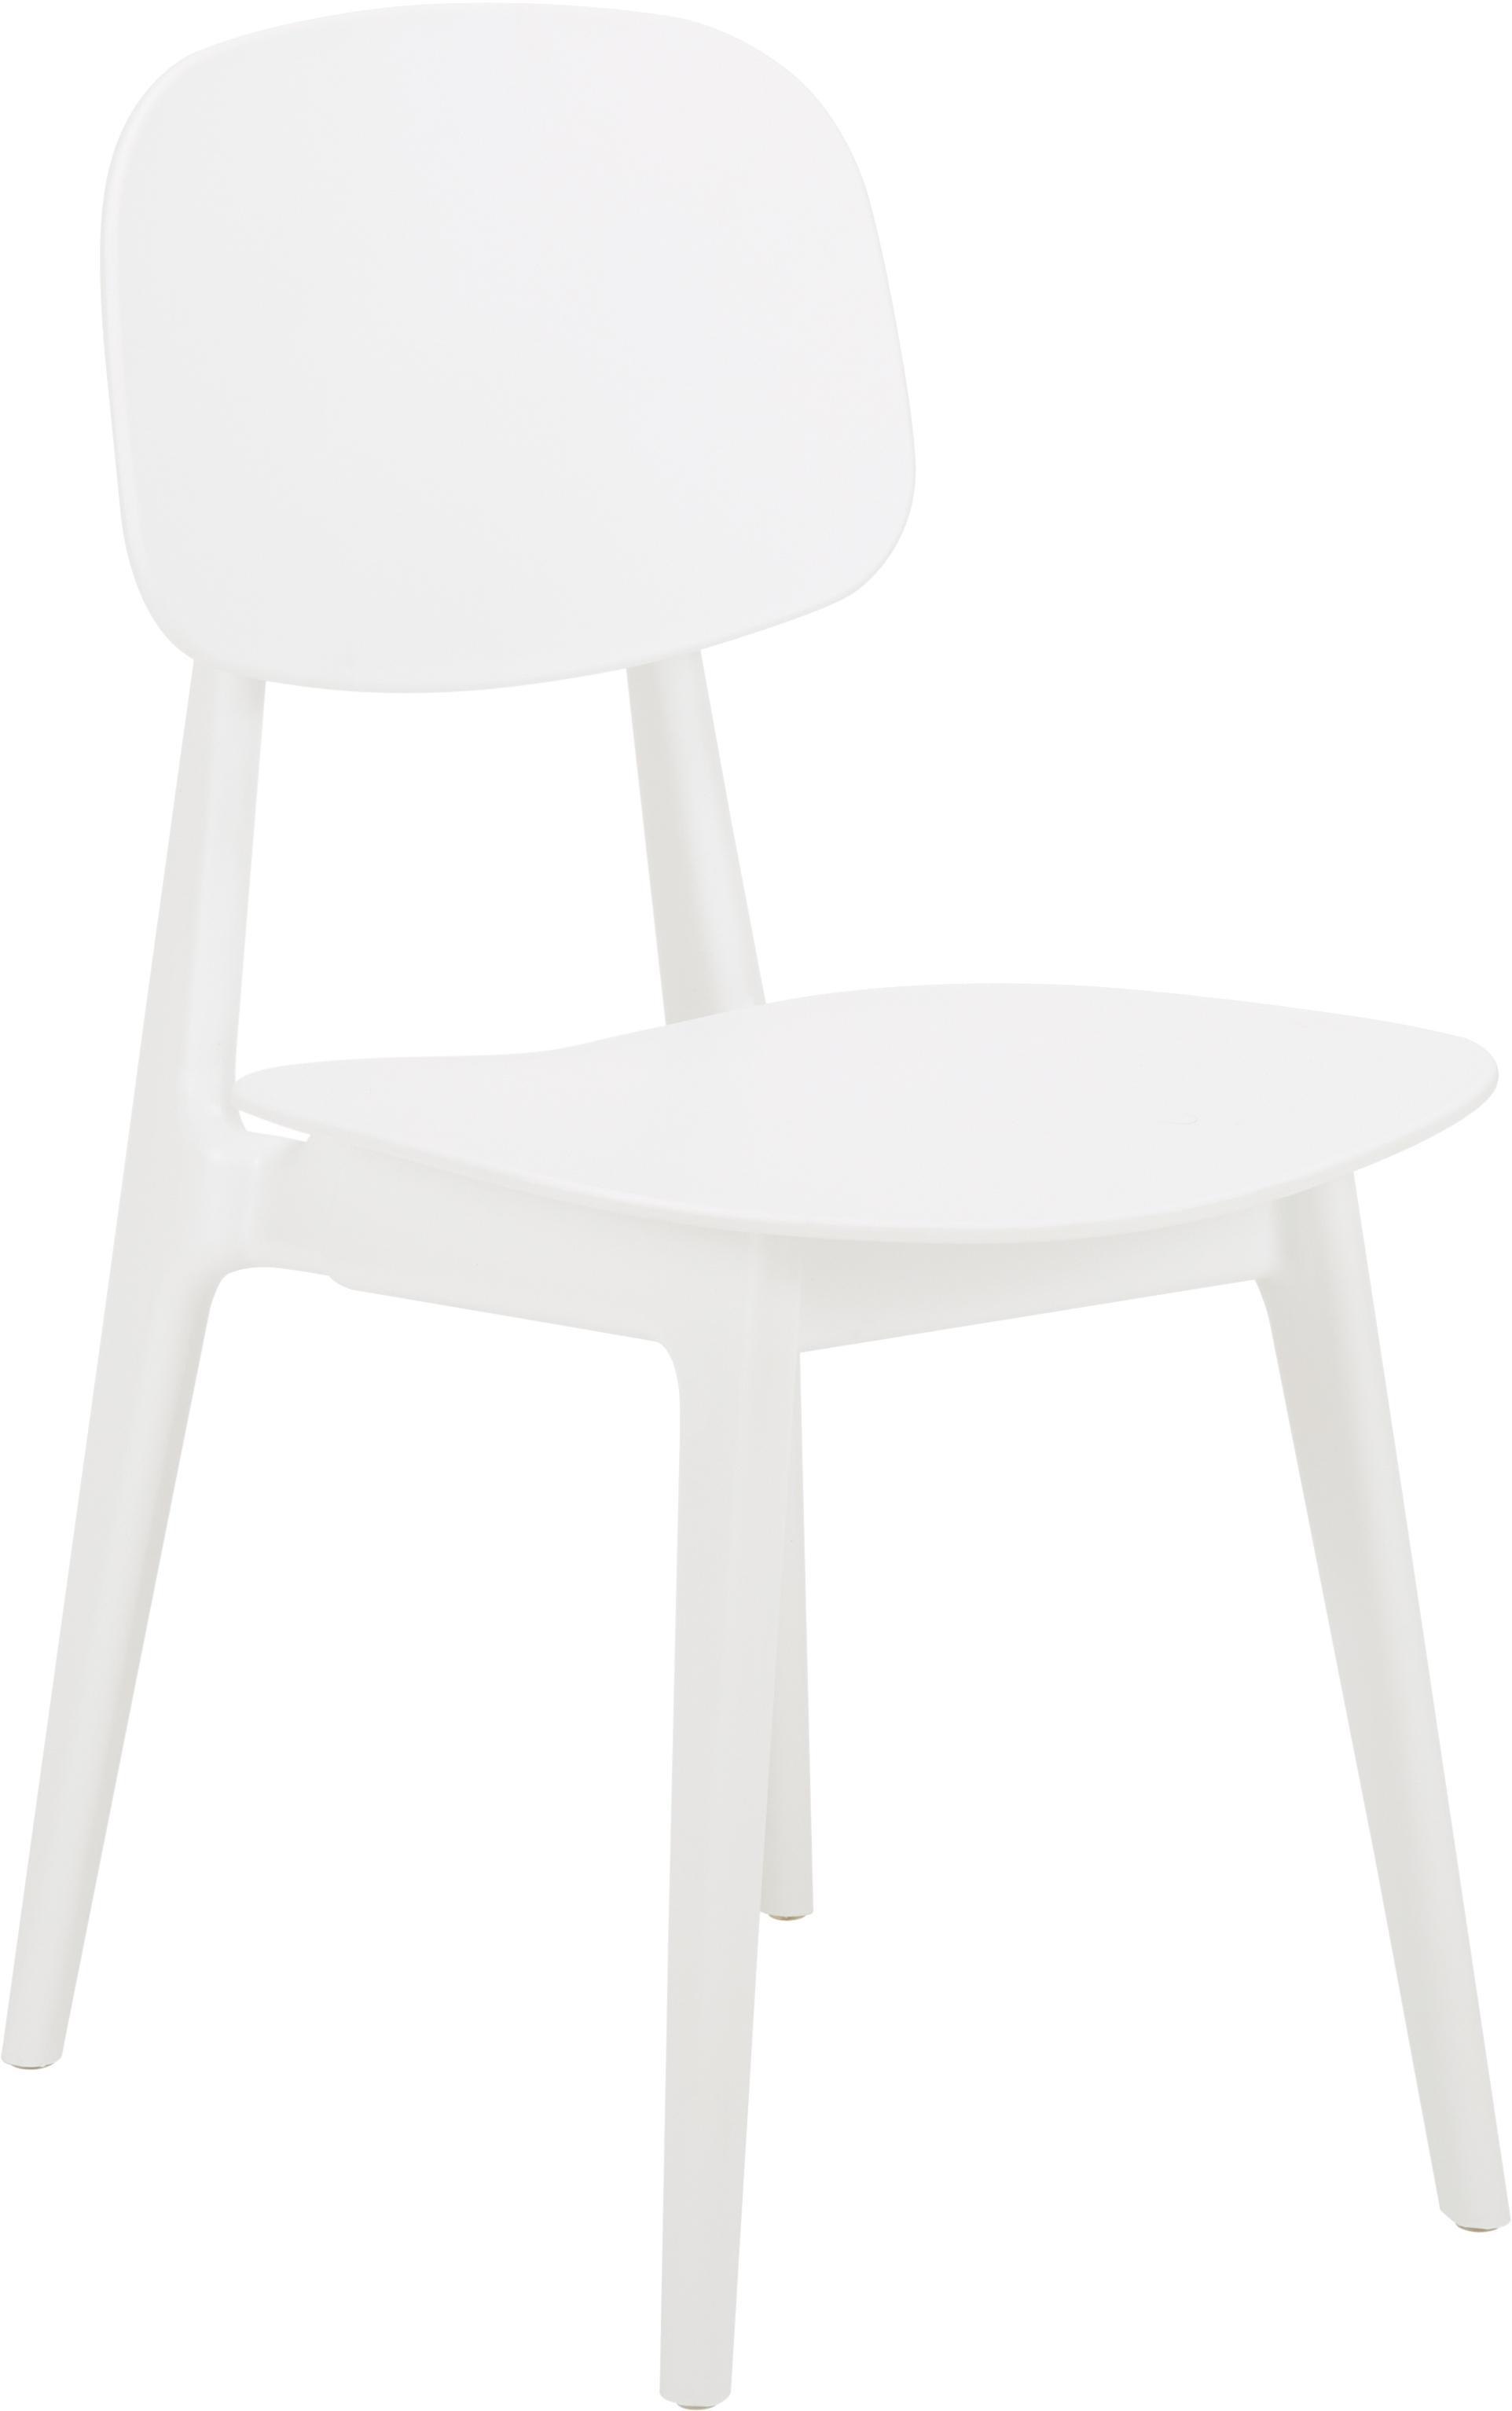 Kunststof stoelen Smilla, 2 stuks, Zitvlak: kunststof, Poten: gepoedercoat metaal, Mat wit, B 43 x D 49 cm